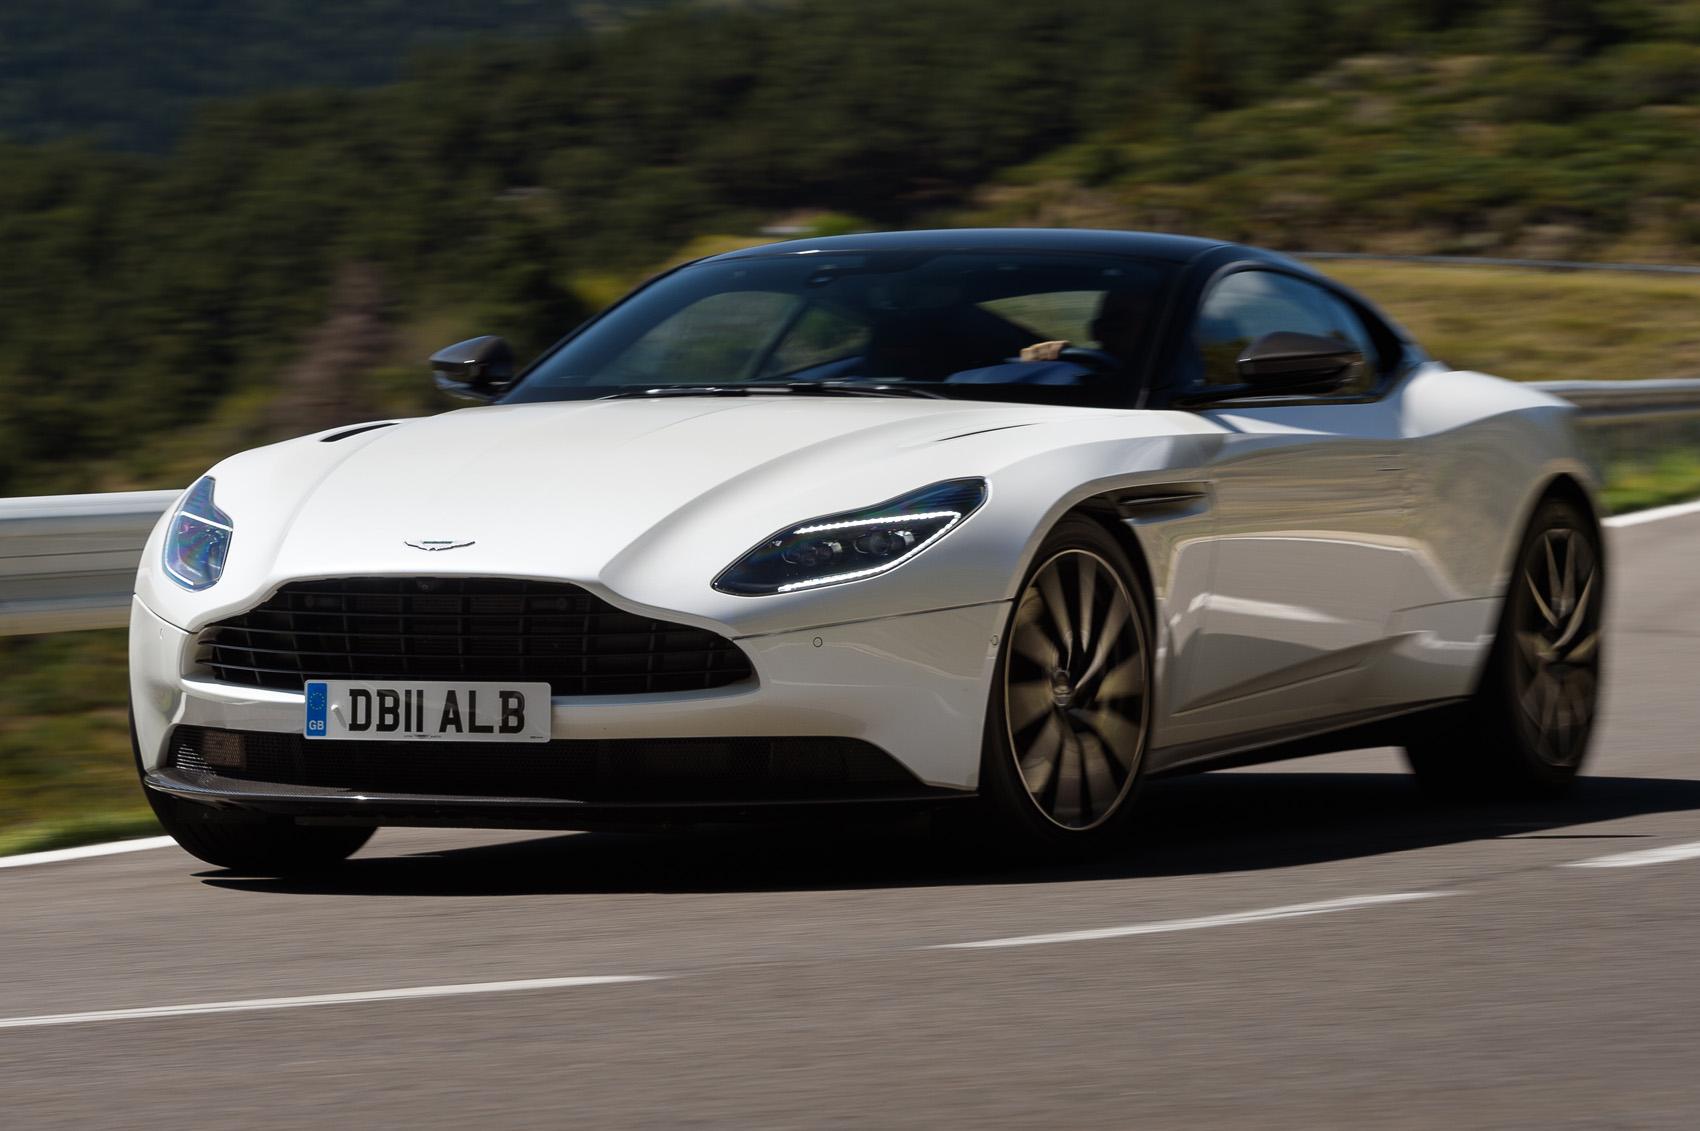 Aston Martin Db11 V8 2017 Review Autocar